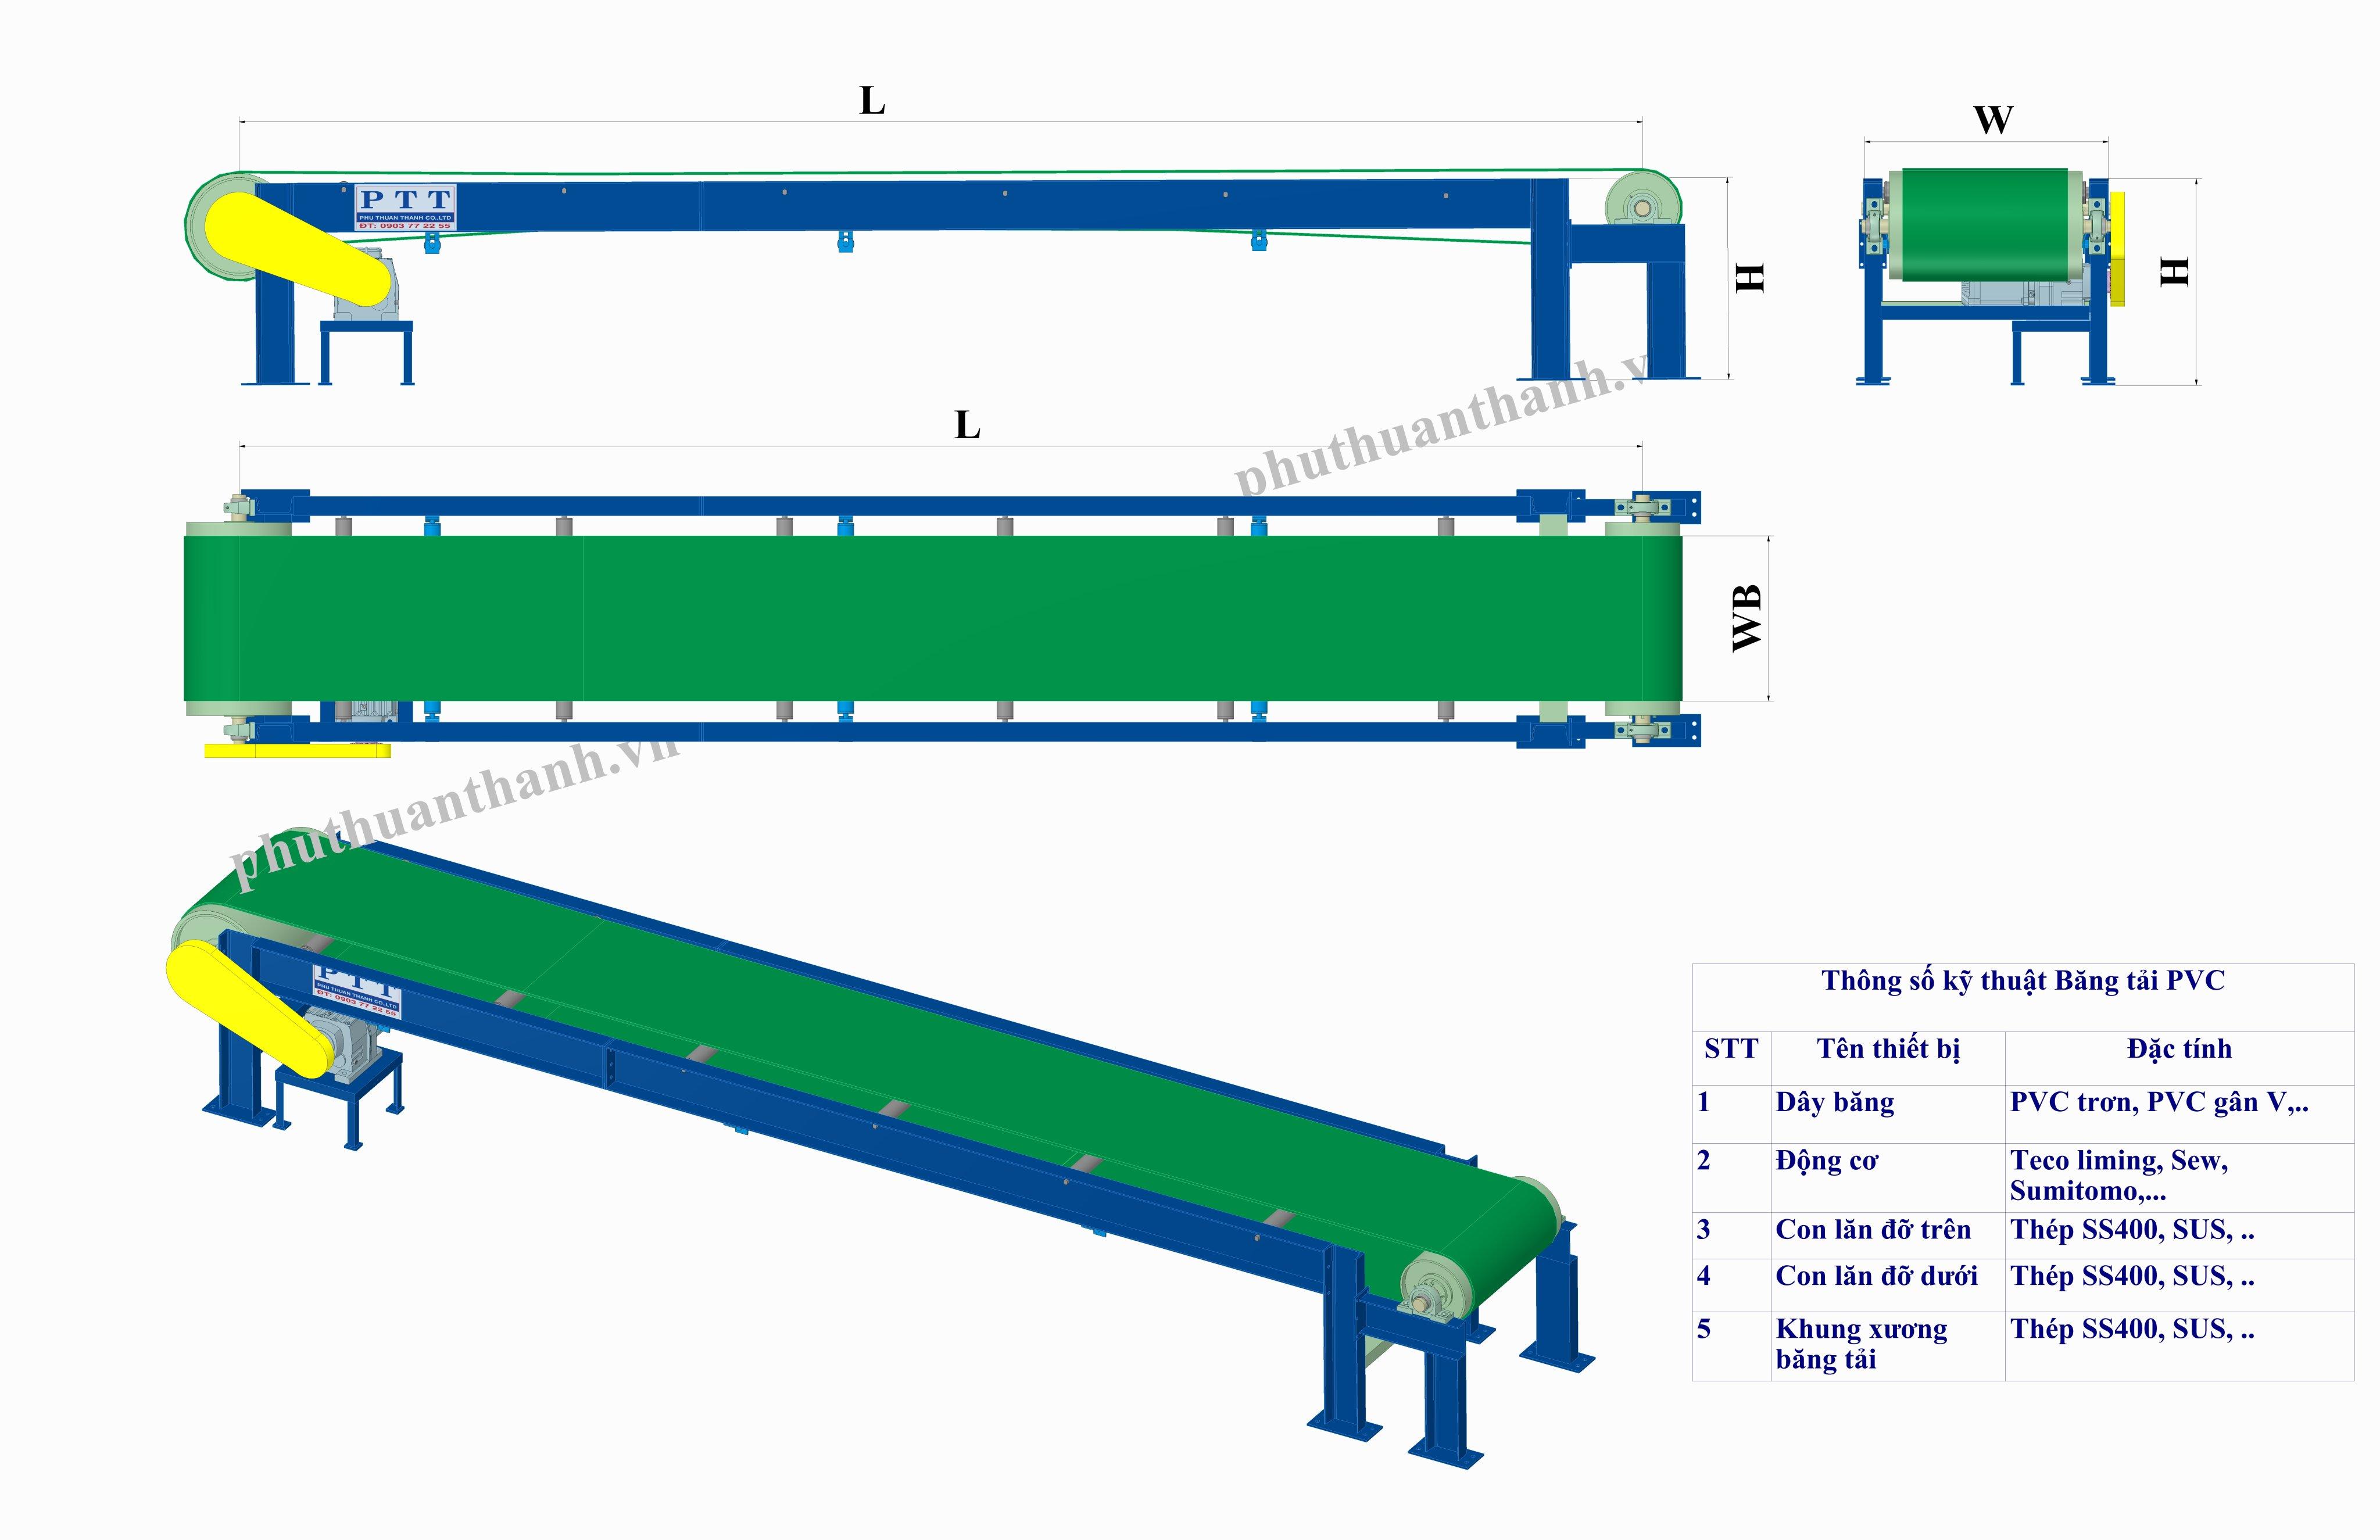 Băng tải PVC